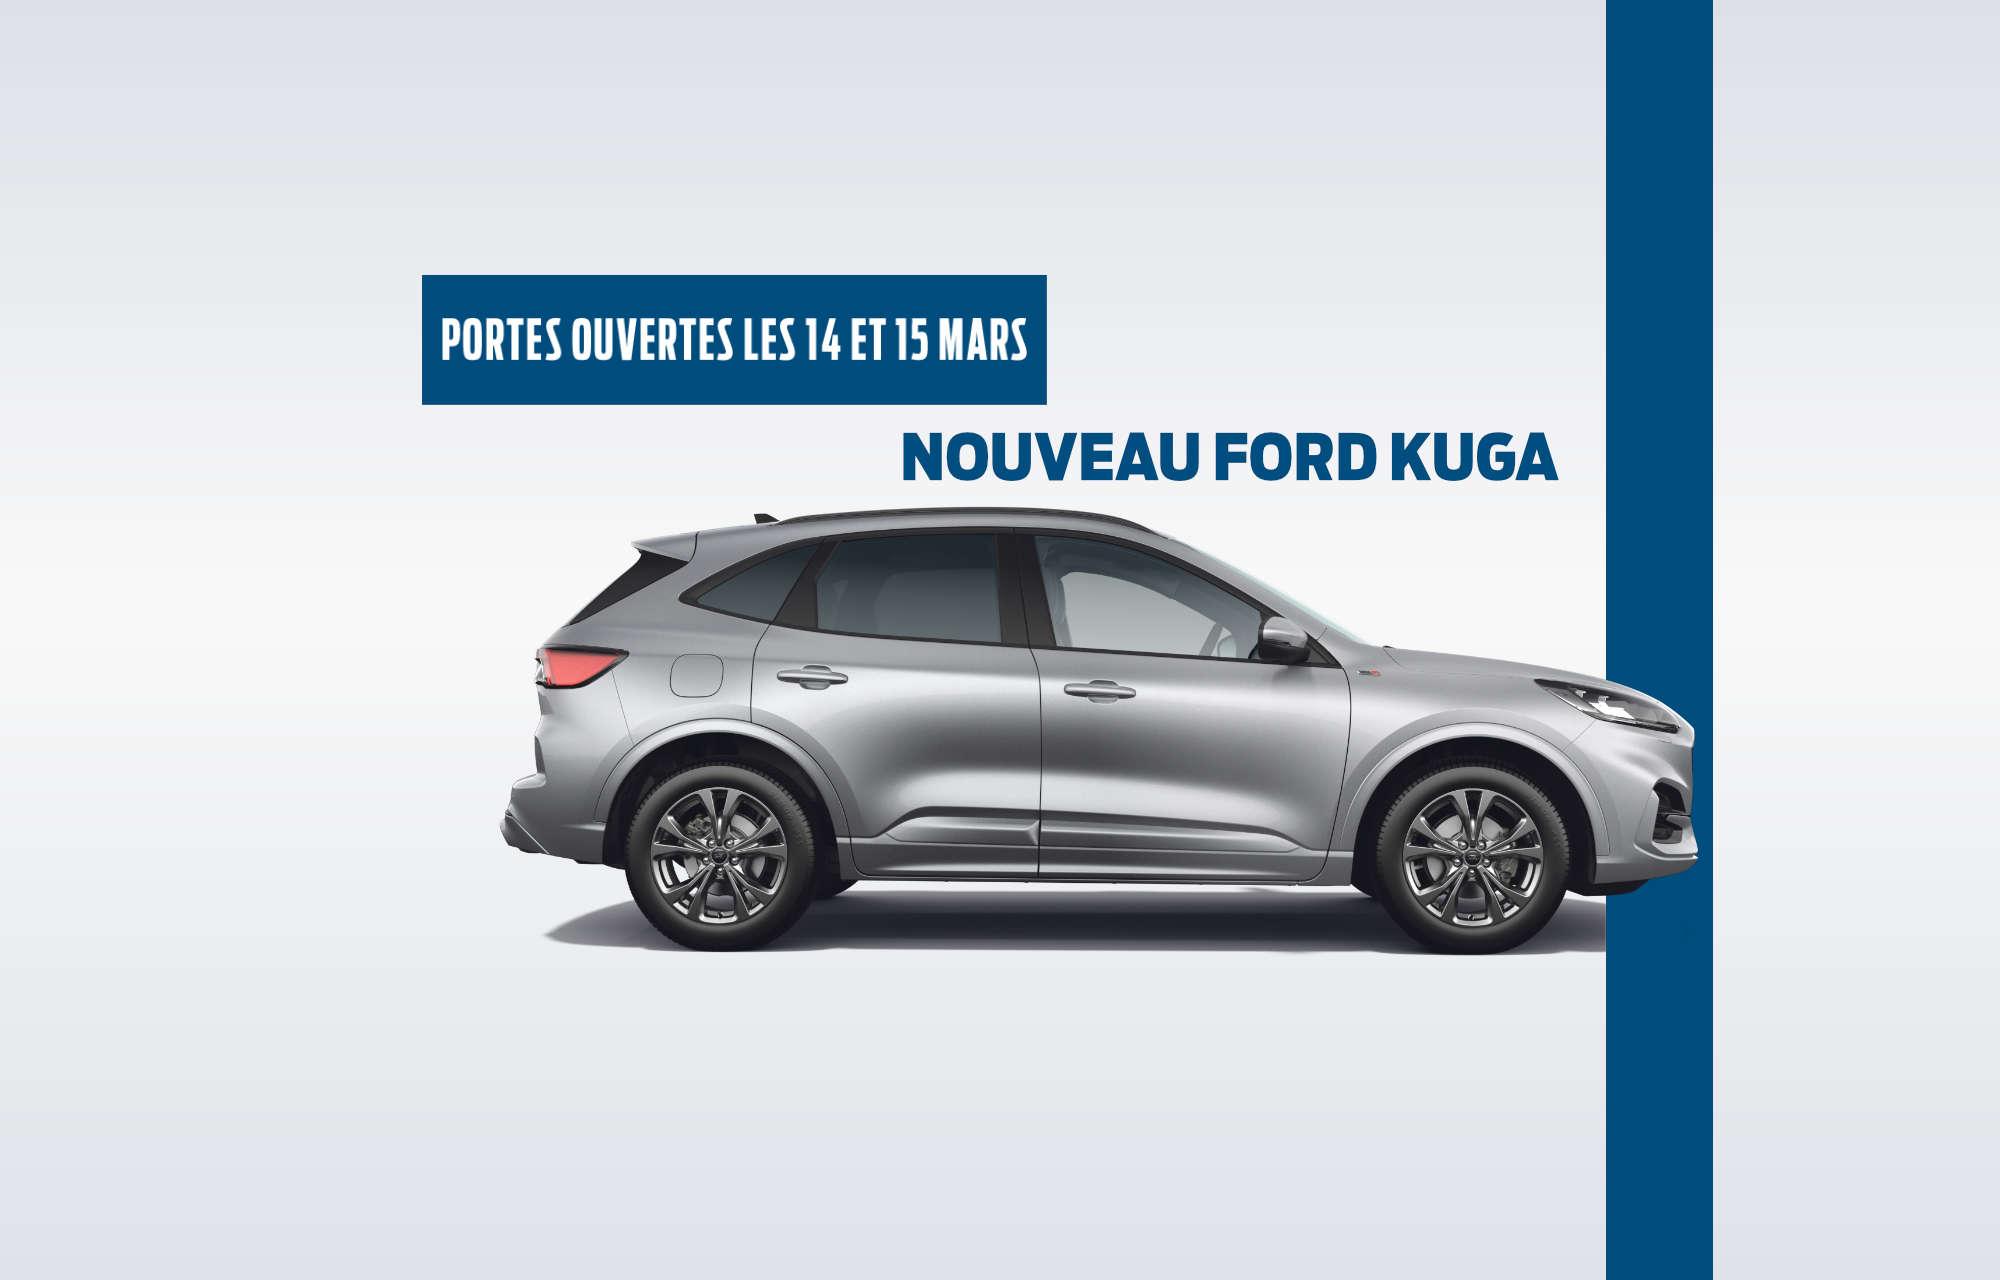 **Journées Portes Ouvertes** chez Ford Nord les 14 et 15 mars !